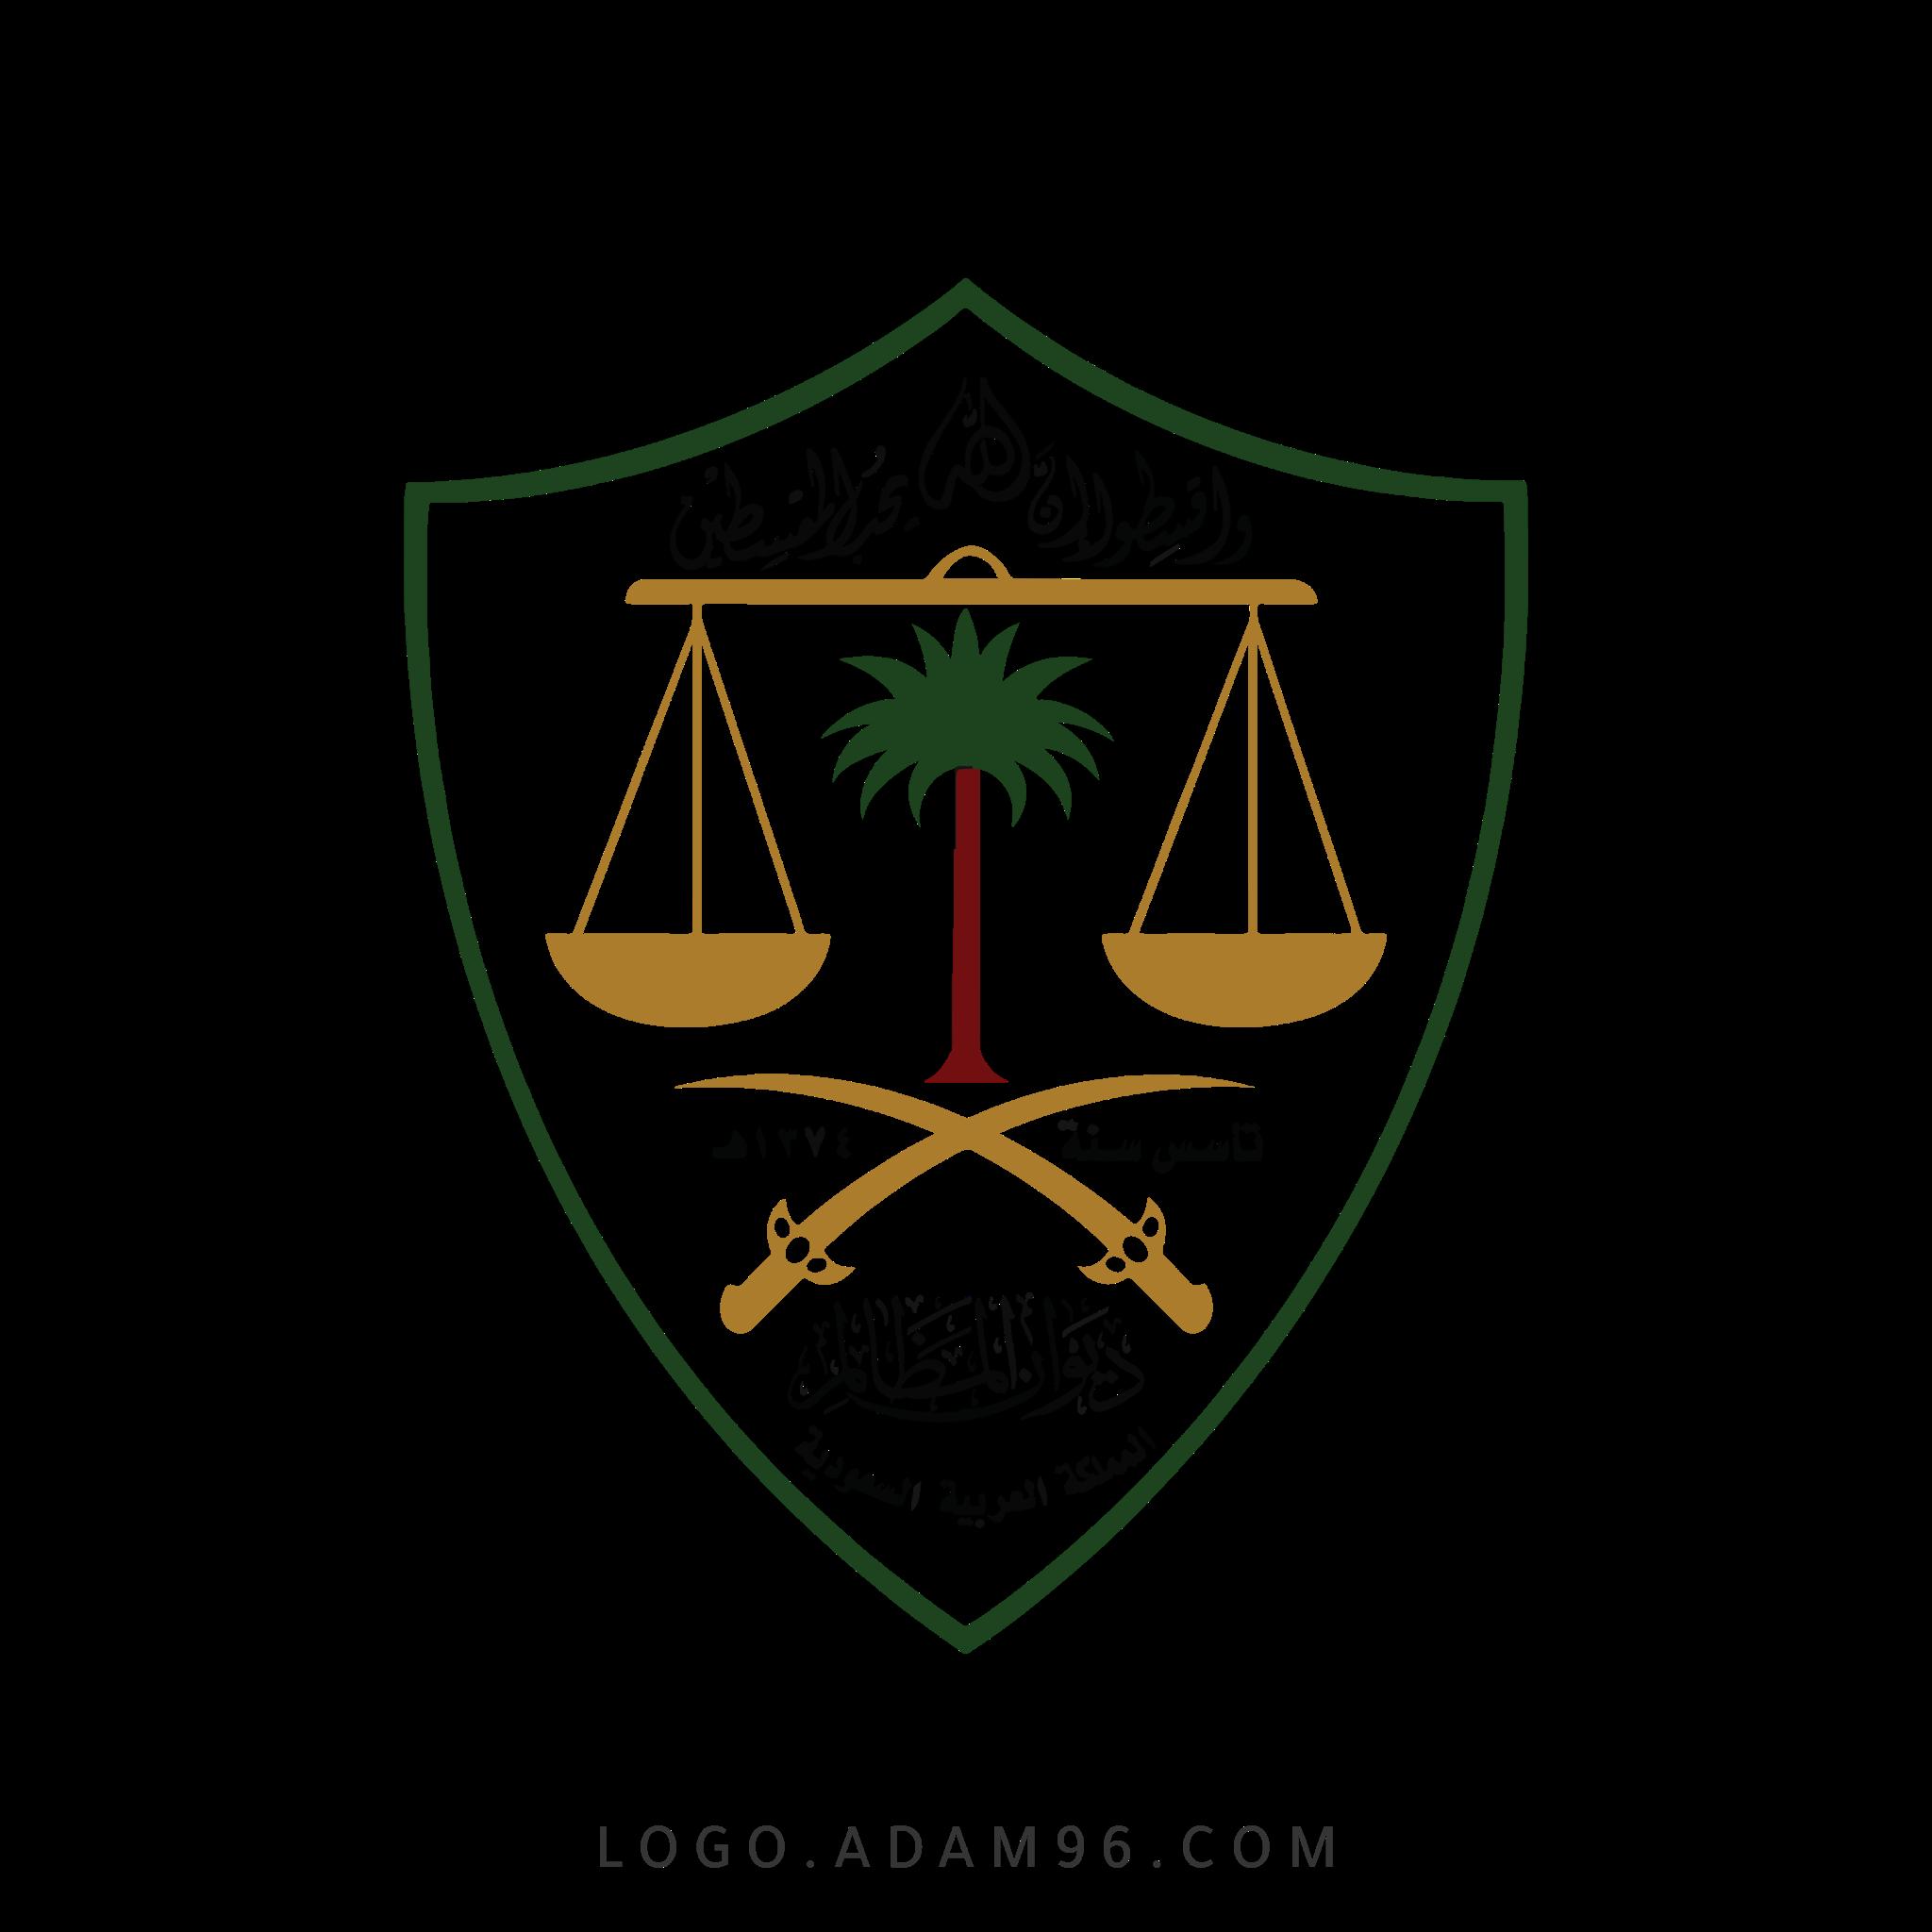 تحميل شعار ديوان المظالم السعودية عالي الجودة PNG - شعارات السعودية